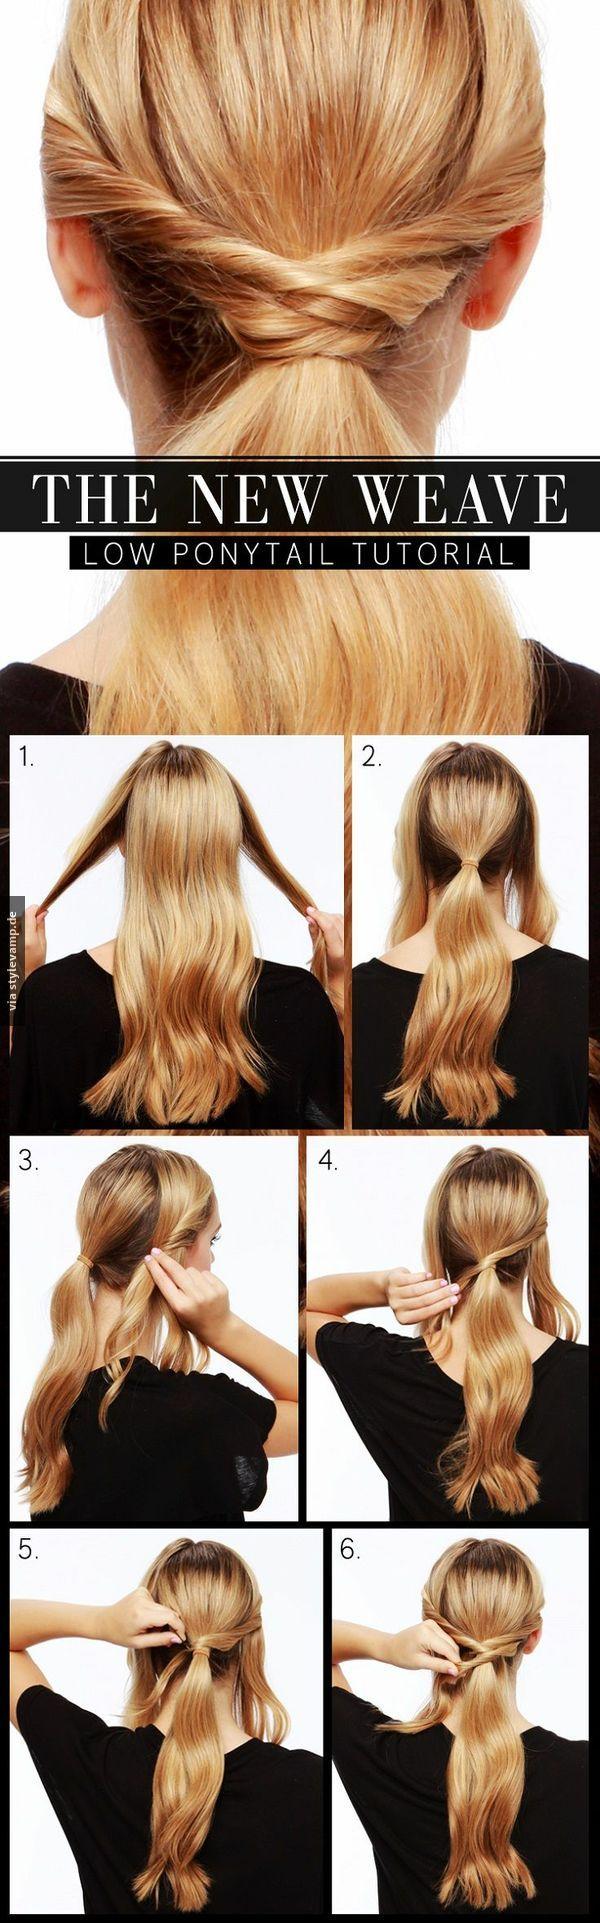 Low ponytail tutorial hair tutorial easy hair tutorial